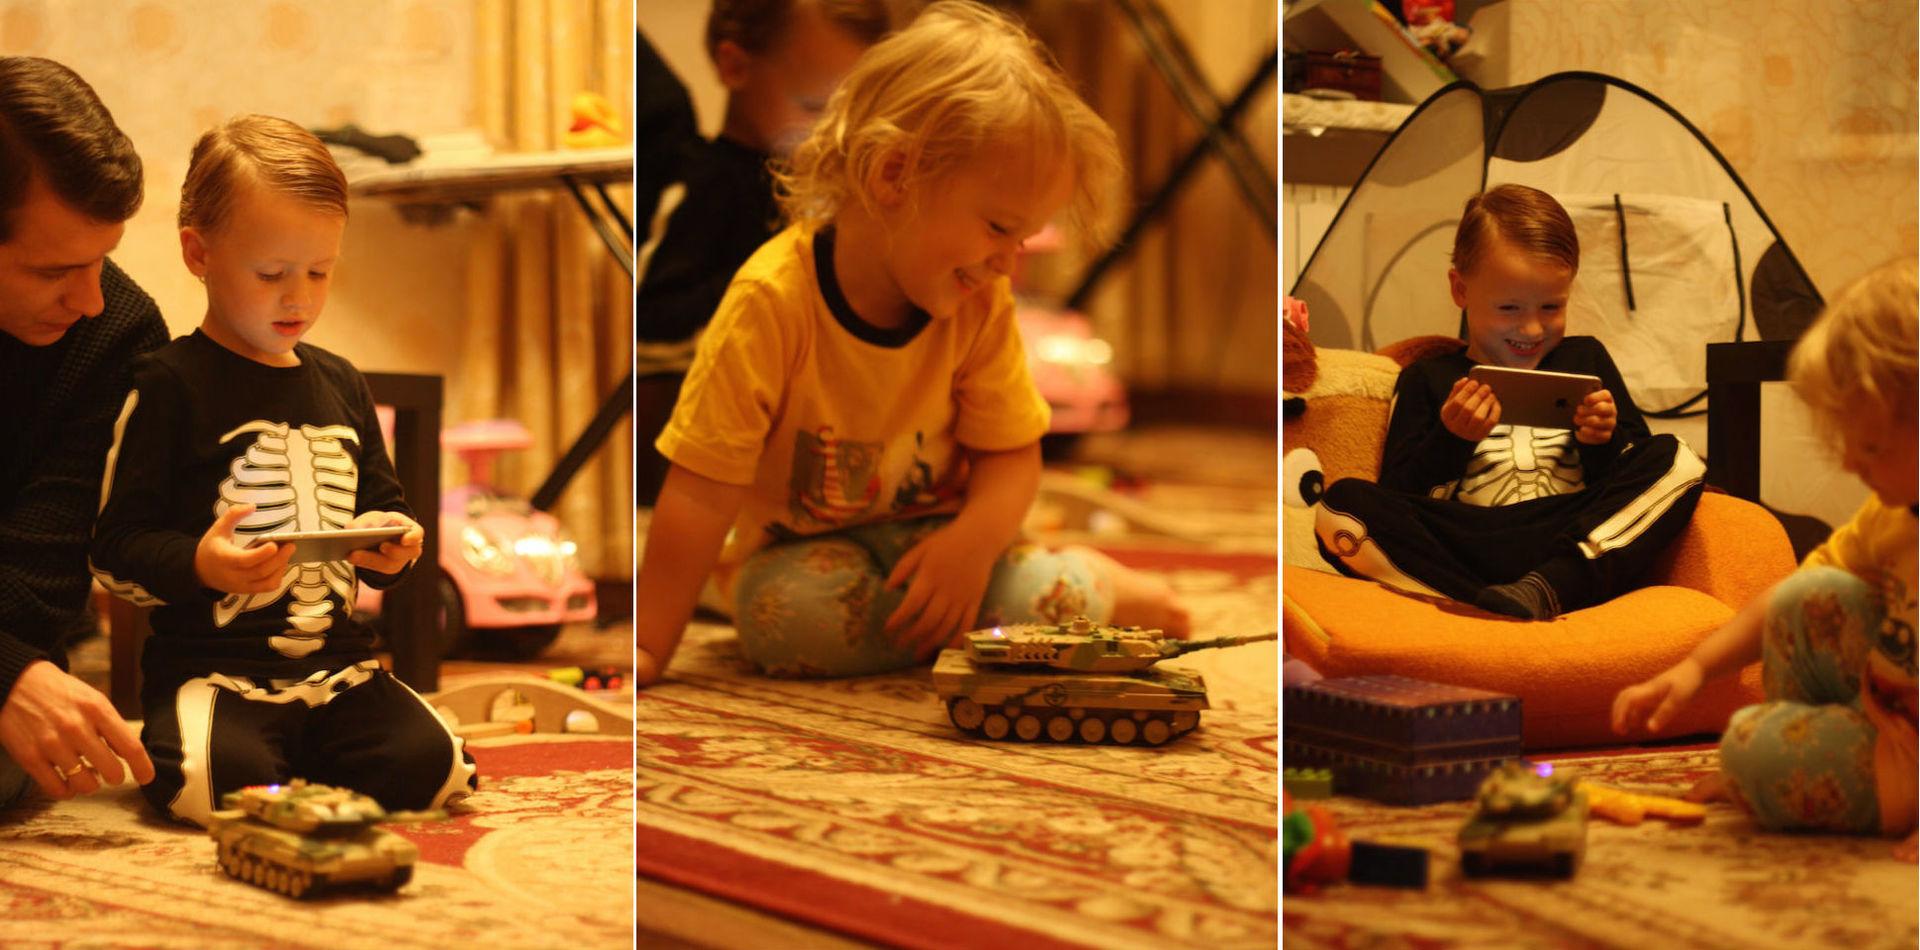 Детские гаджеты: чем удивить, развлечь и позабавить детей от 2+ лет - 22